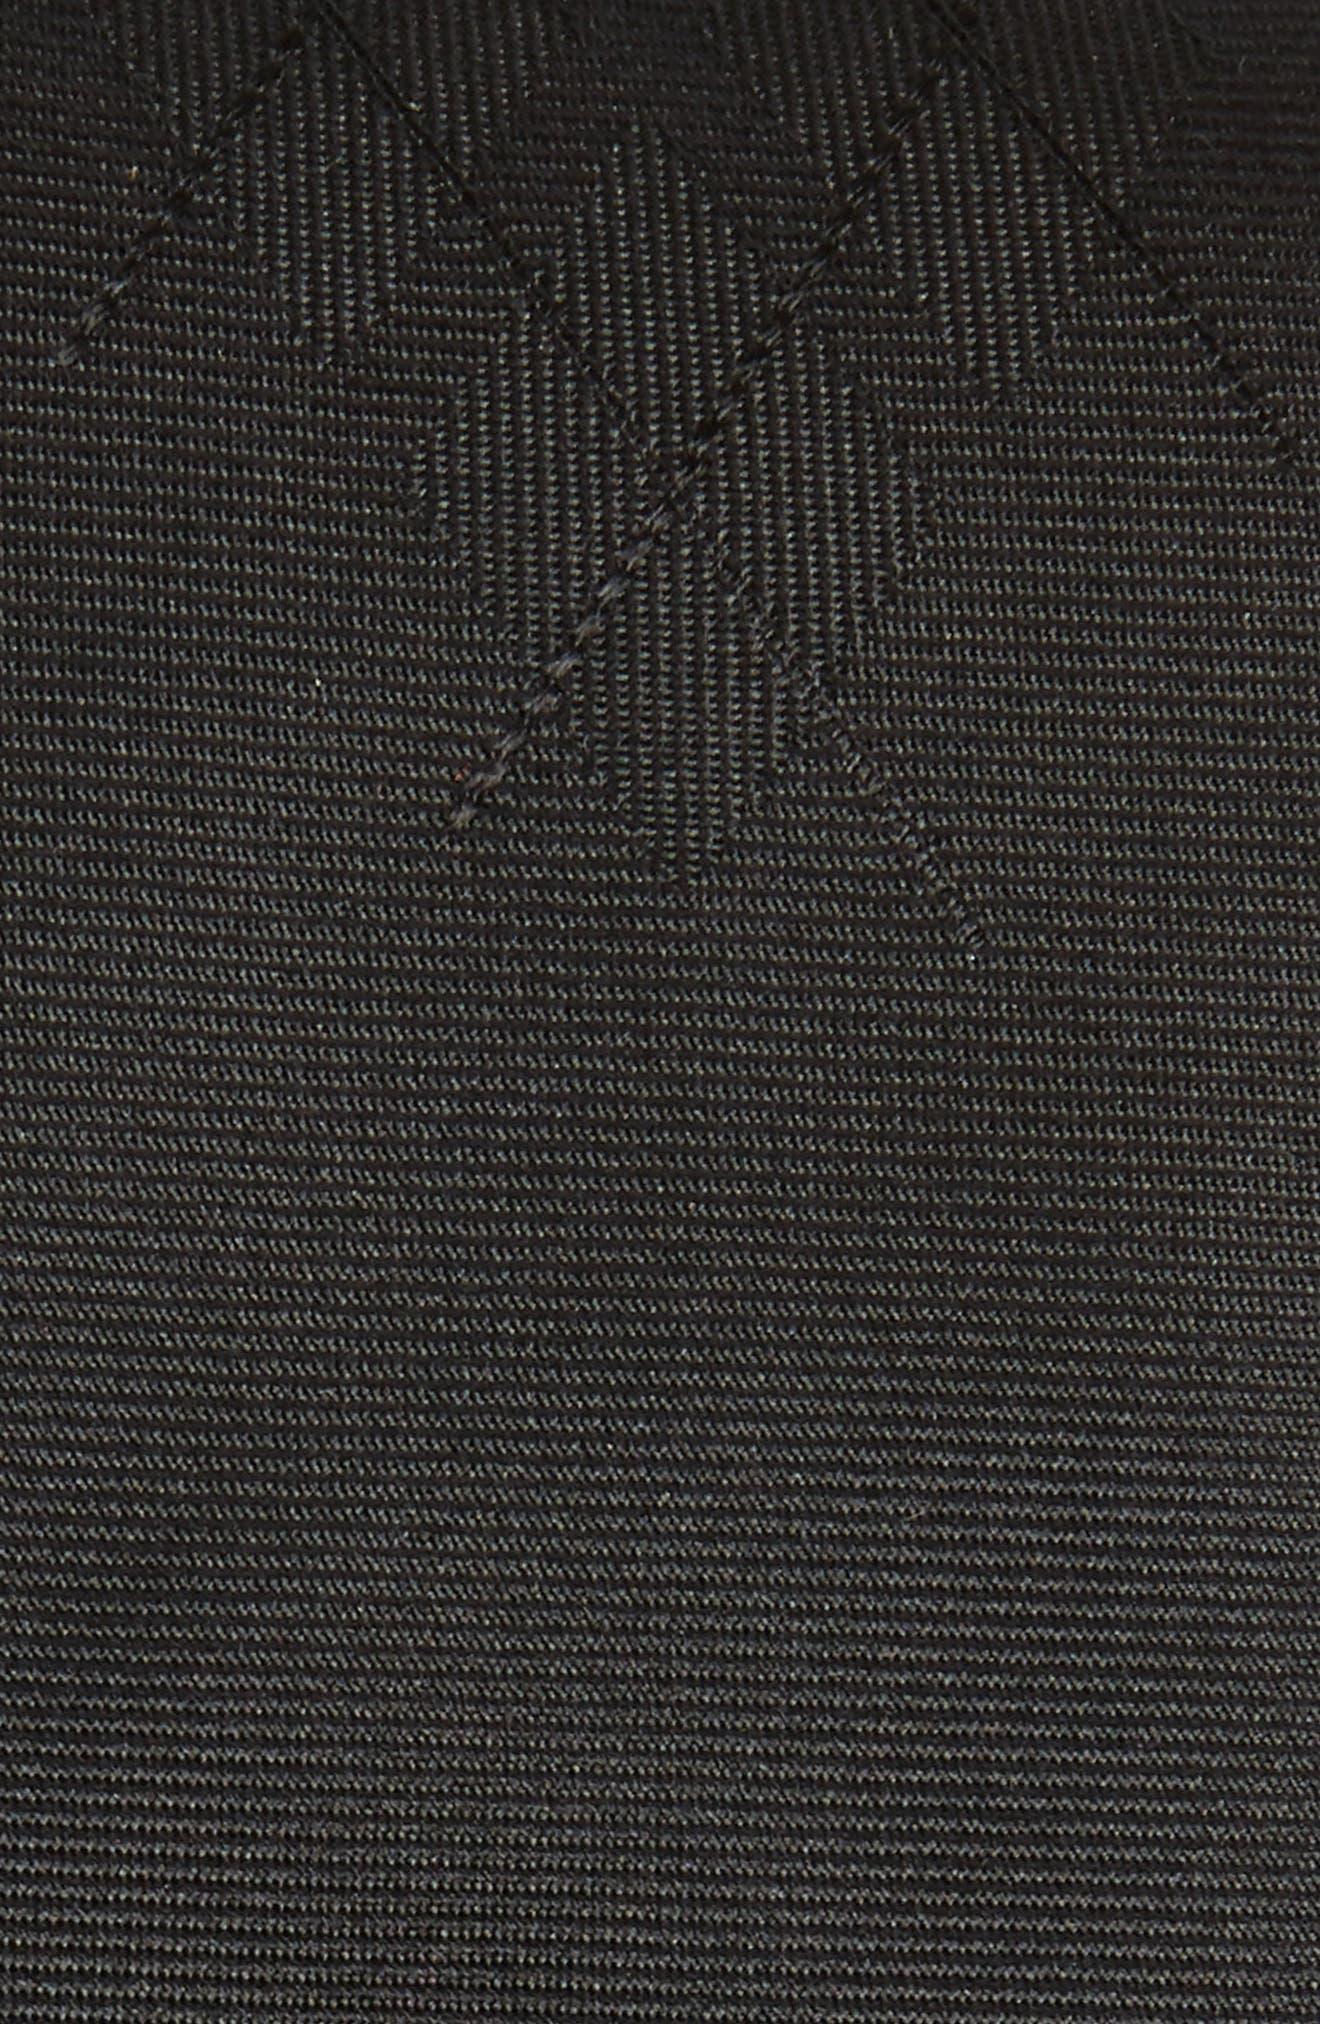 Alternate Image 2  - BOSS Argyle Silk Skinny Tie